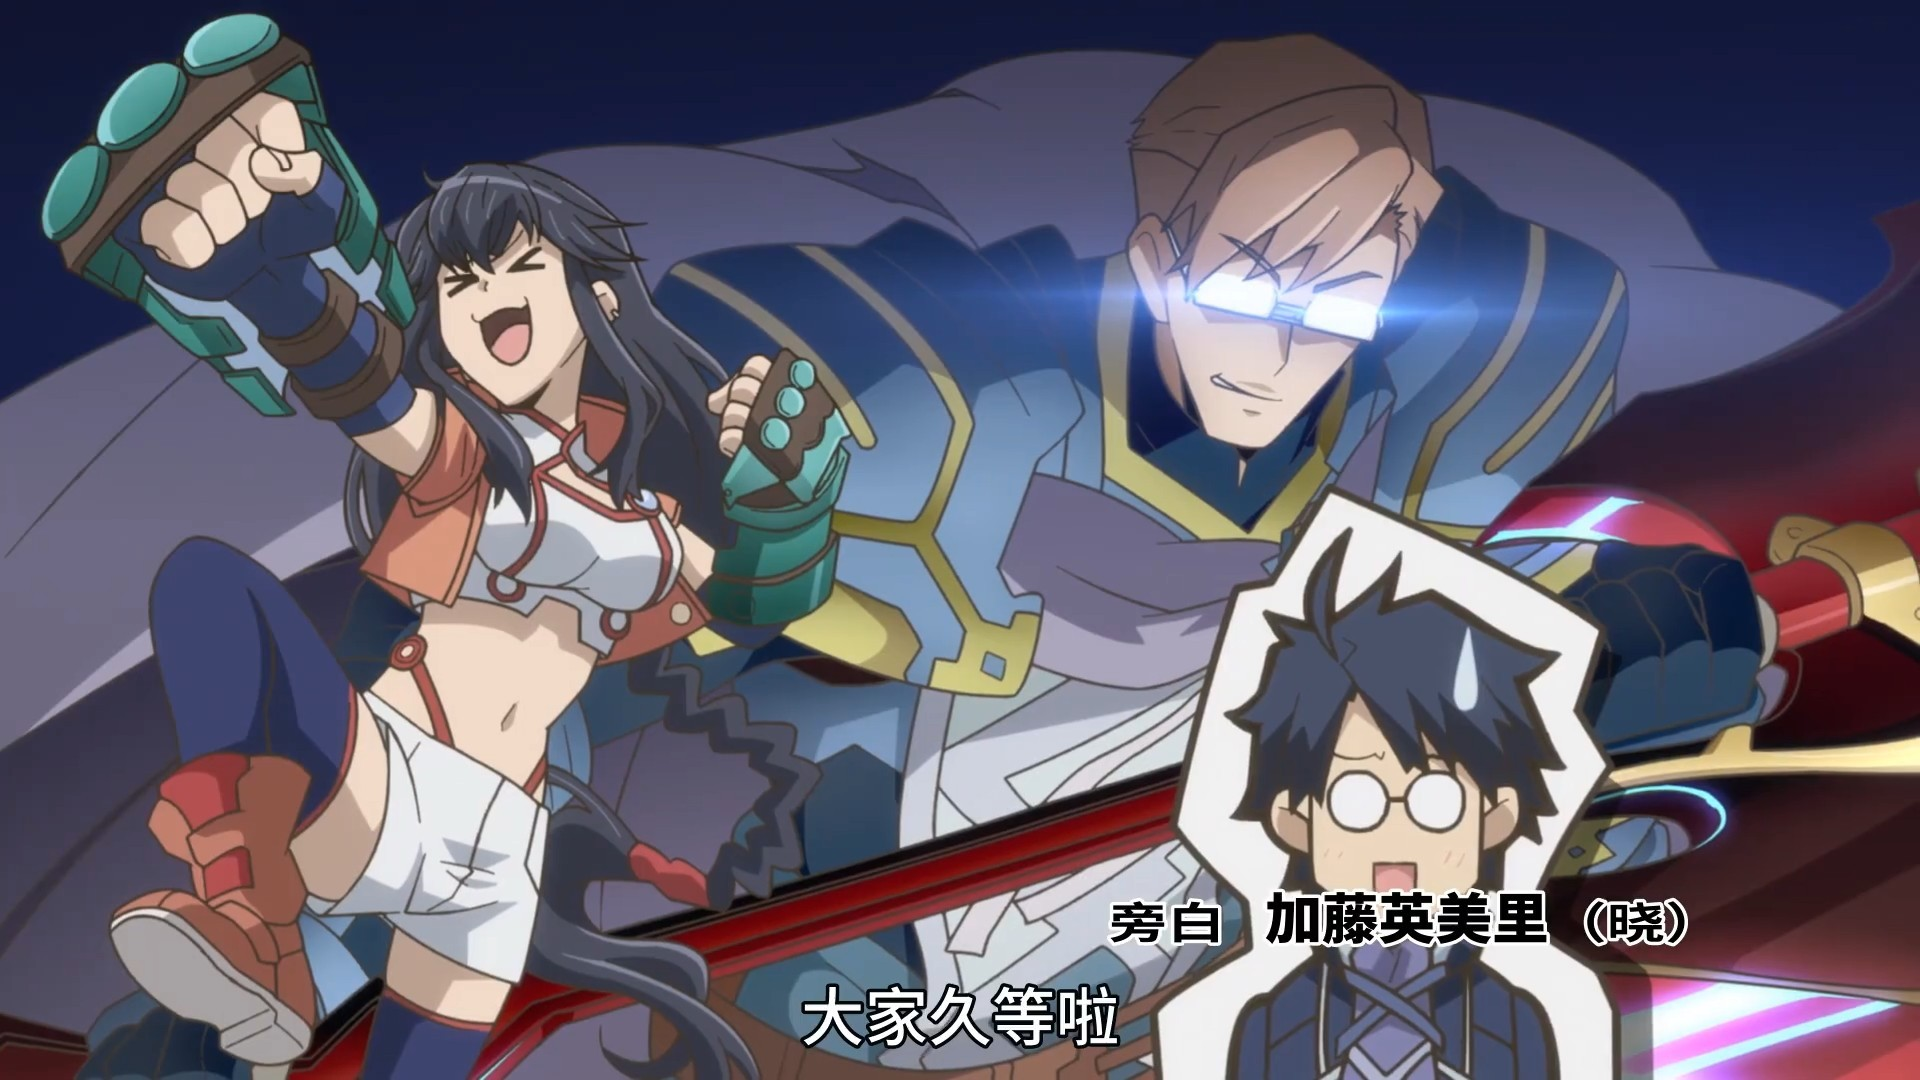 时隔六年!TV动画《记录的地平线》第三季官方中文PV公开,明年1月播出- ACG17.COM